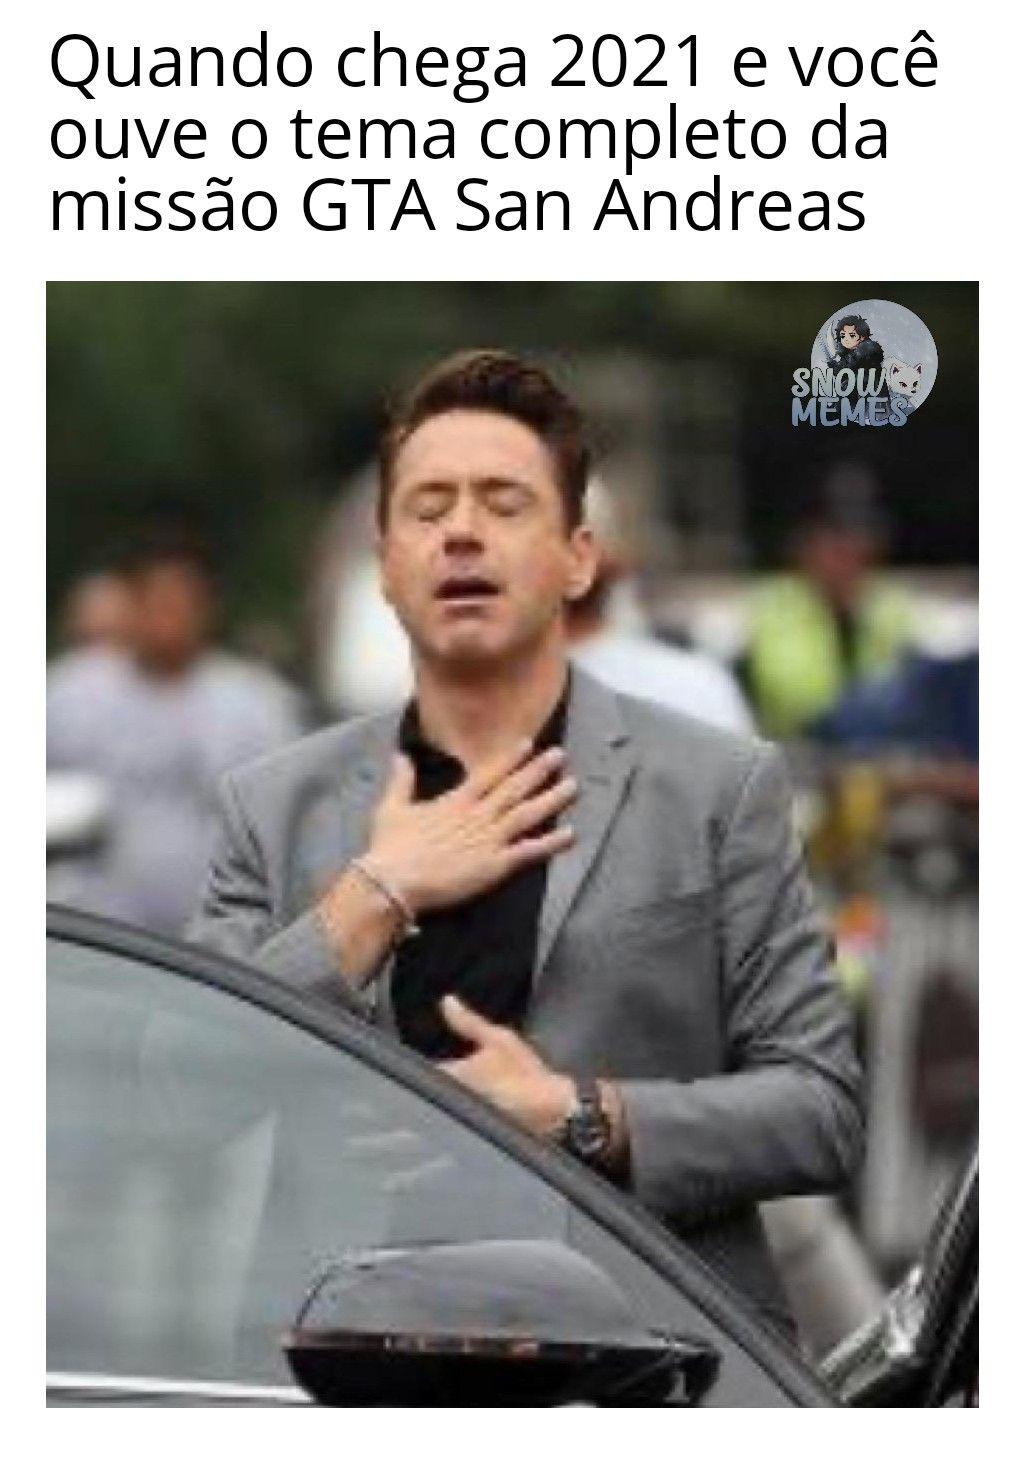 Funny Pictures Meme Engracado Memes Engracados Memes Engracado